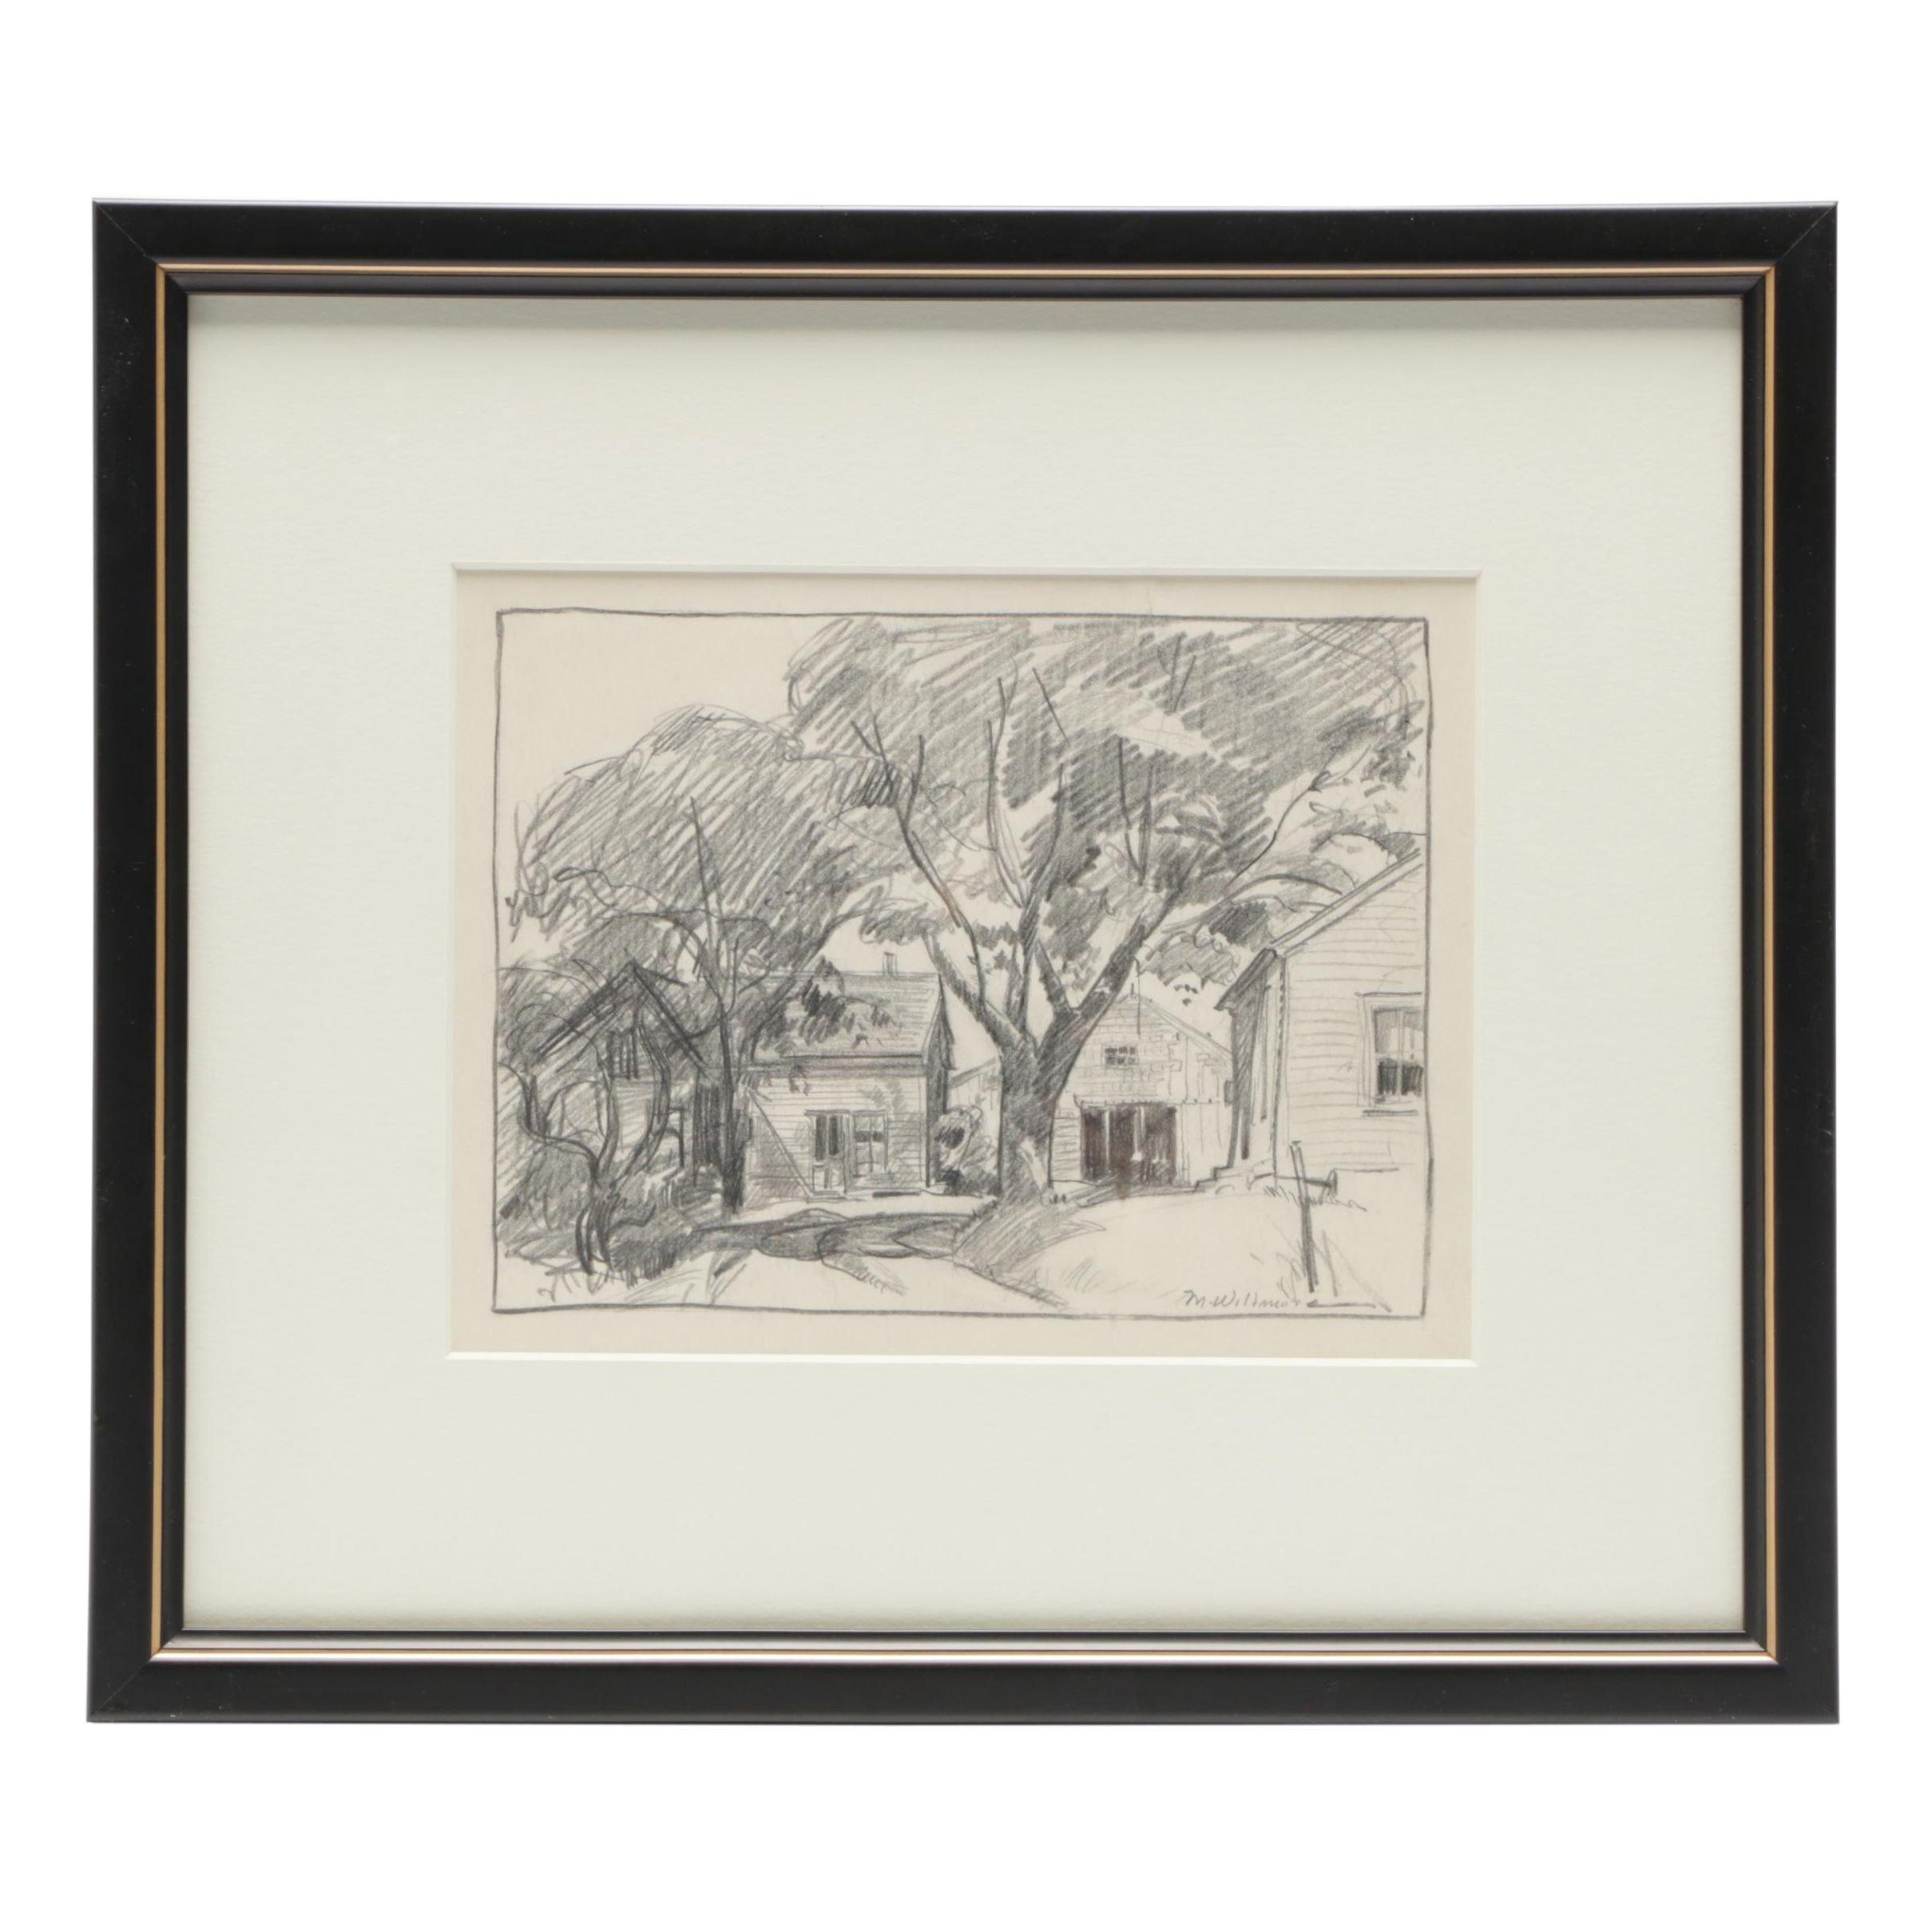 Merton Willmore Graphite Landscape Drawing